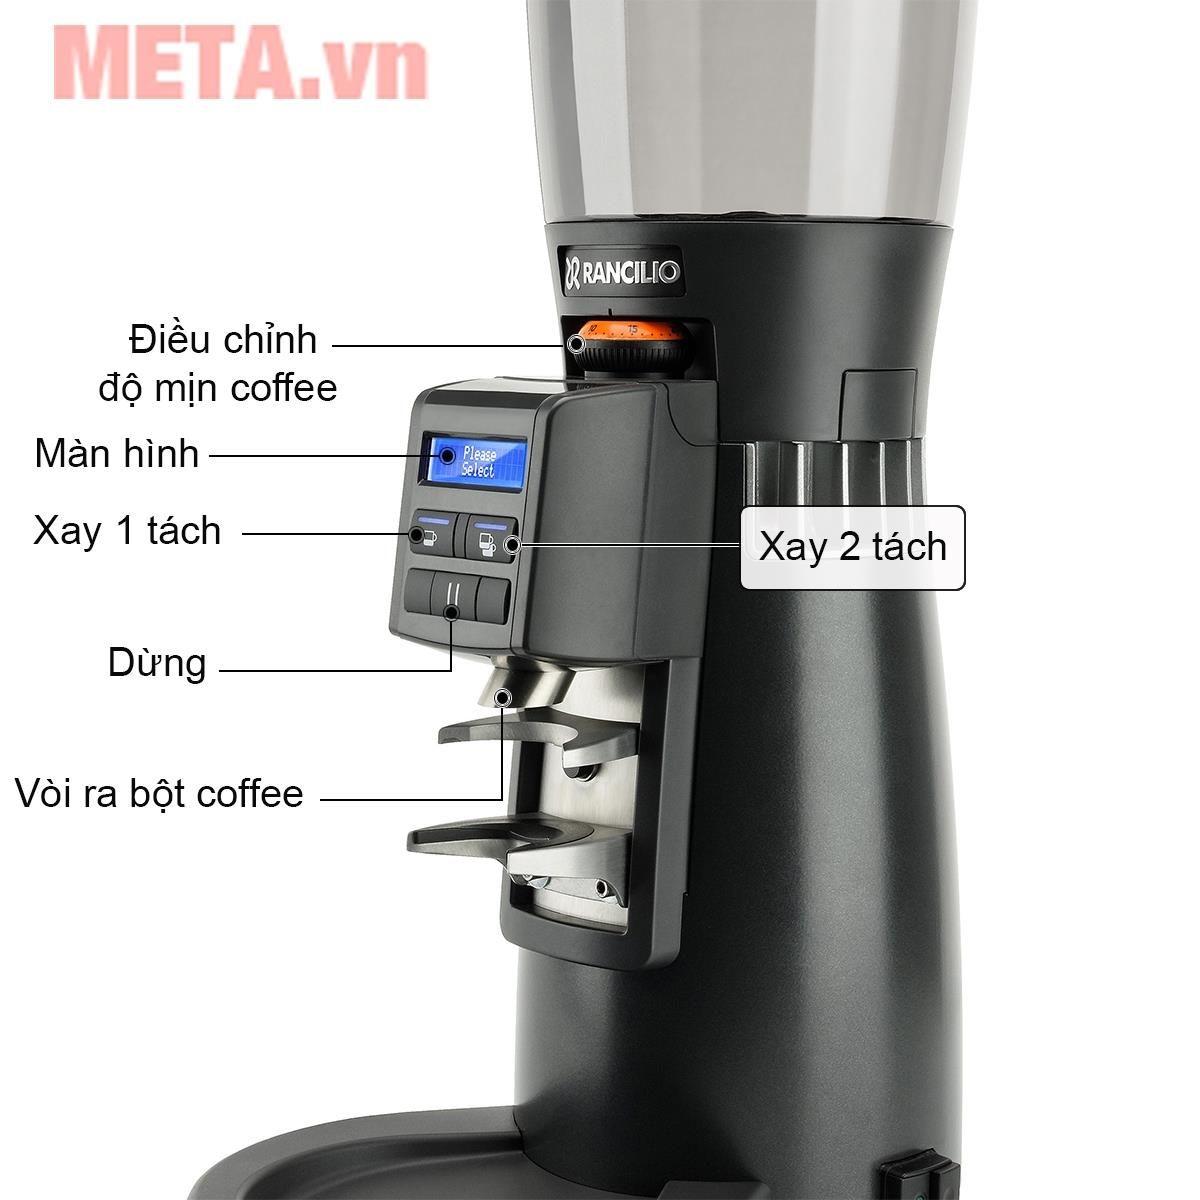 Bảng điều khiển của máy xay cà phê